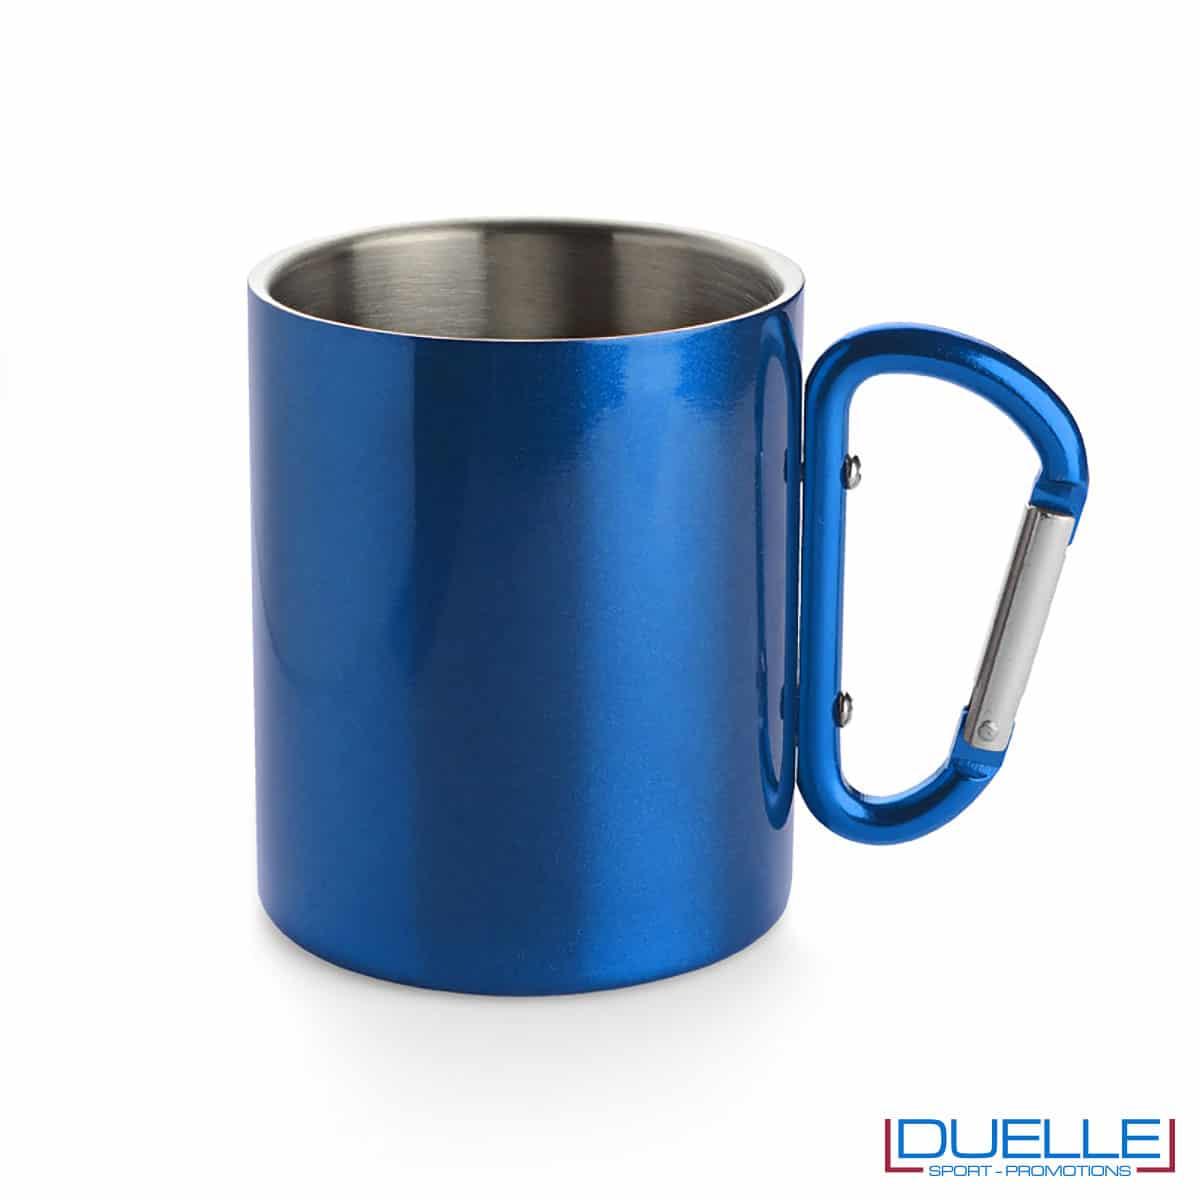 Tazza blu con moschettone